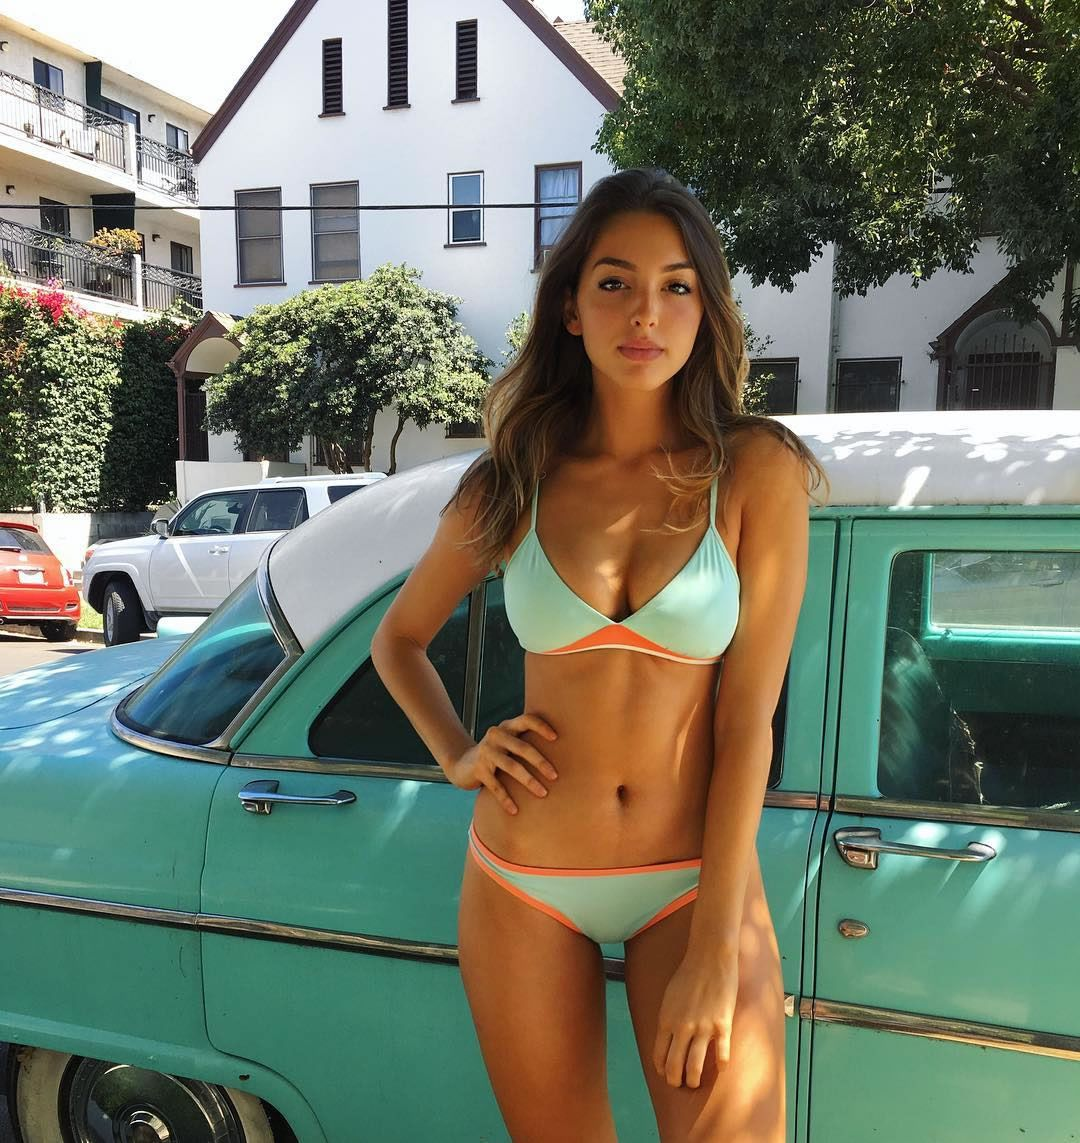 Bikini of tara lipinski